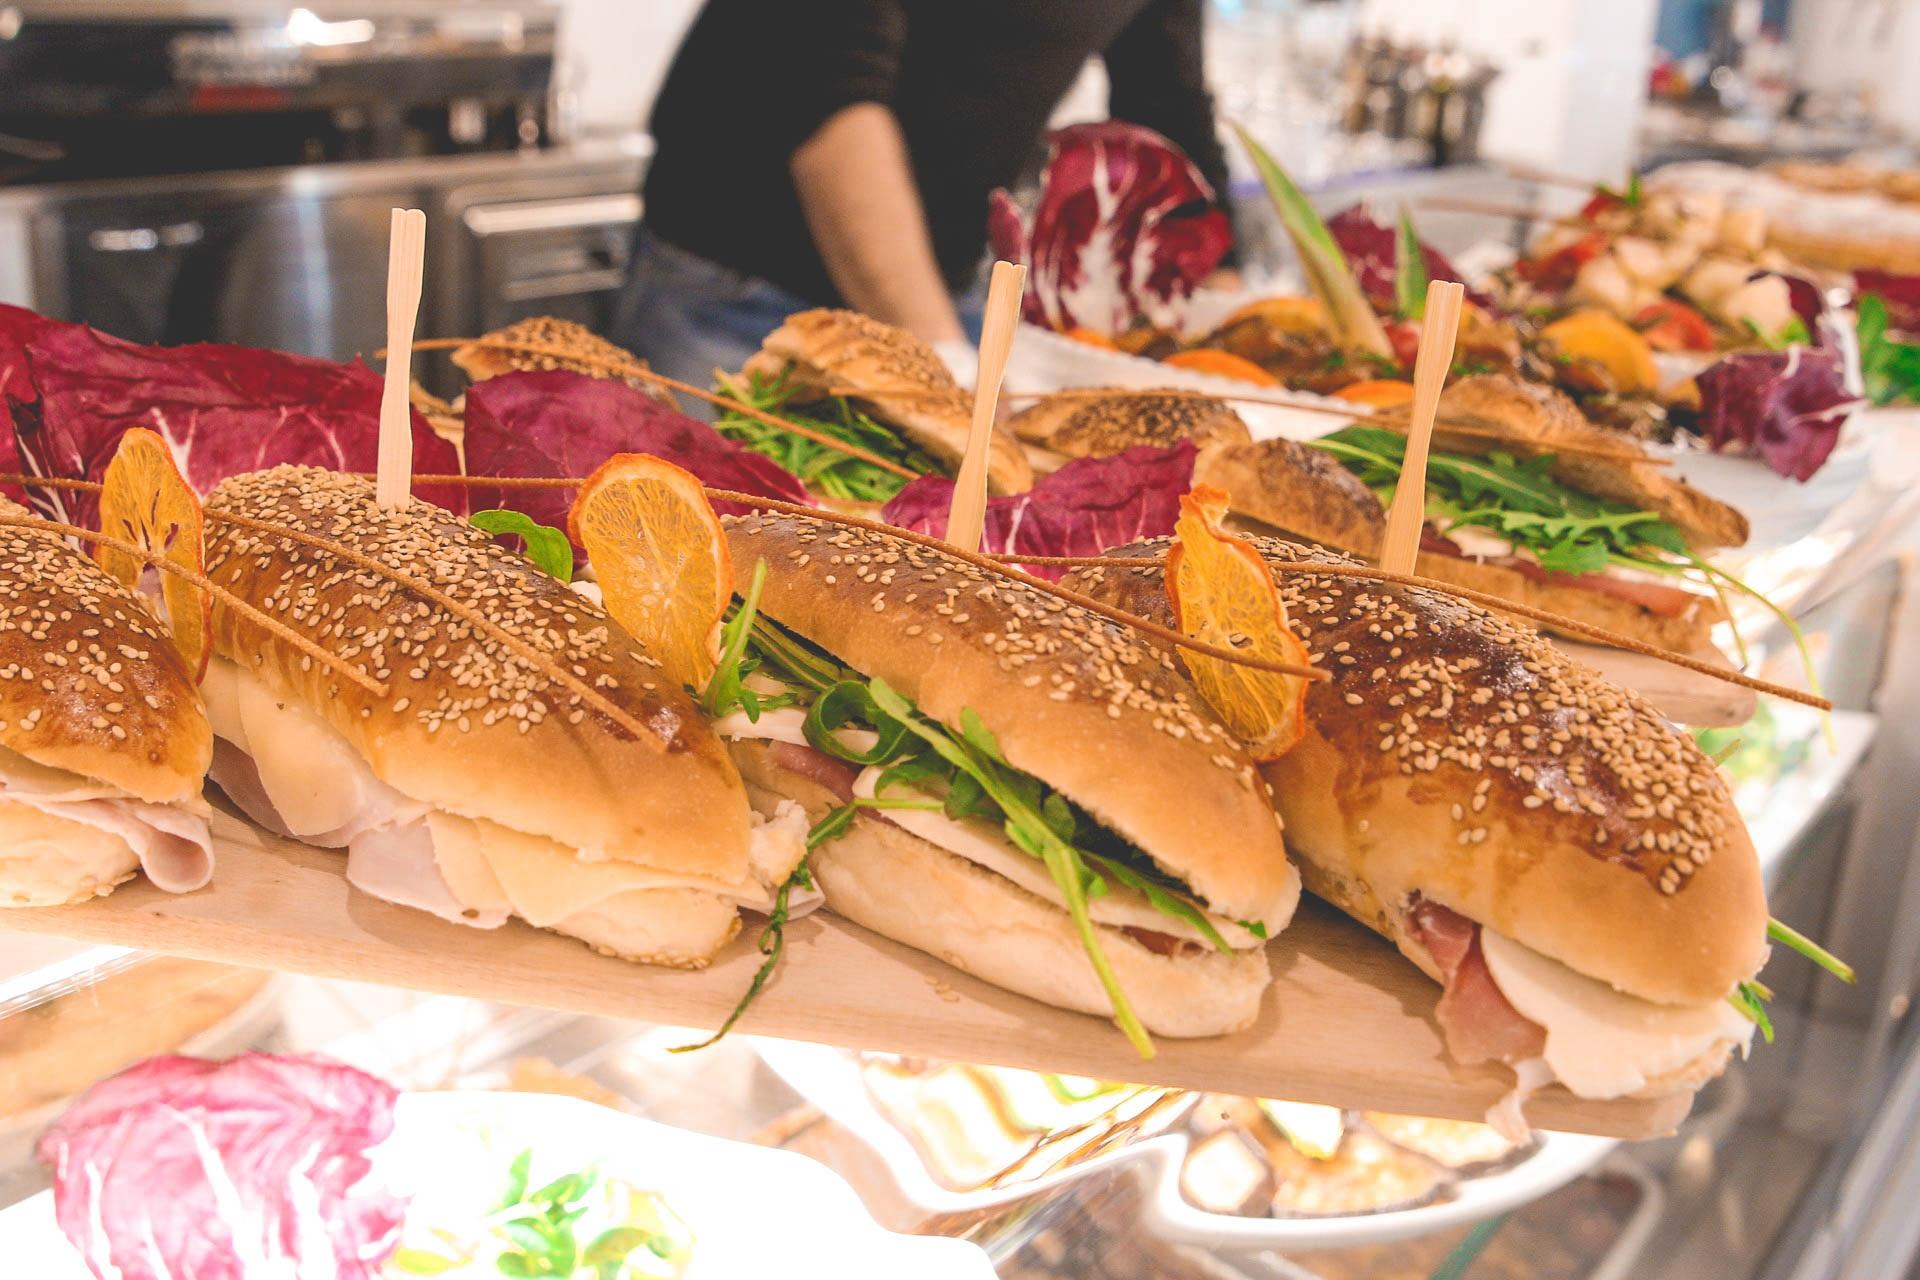 sandwiches-1166485_1920.jpg